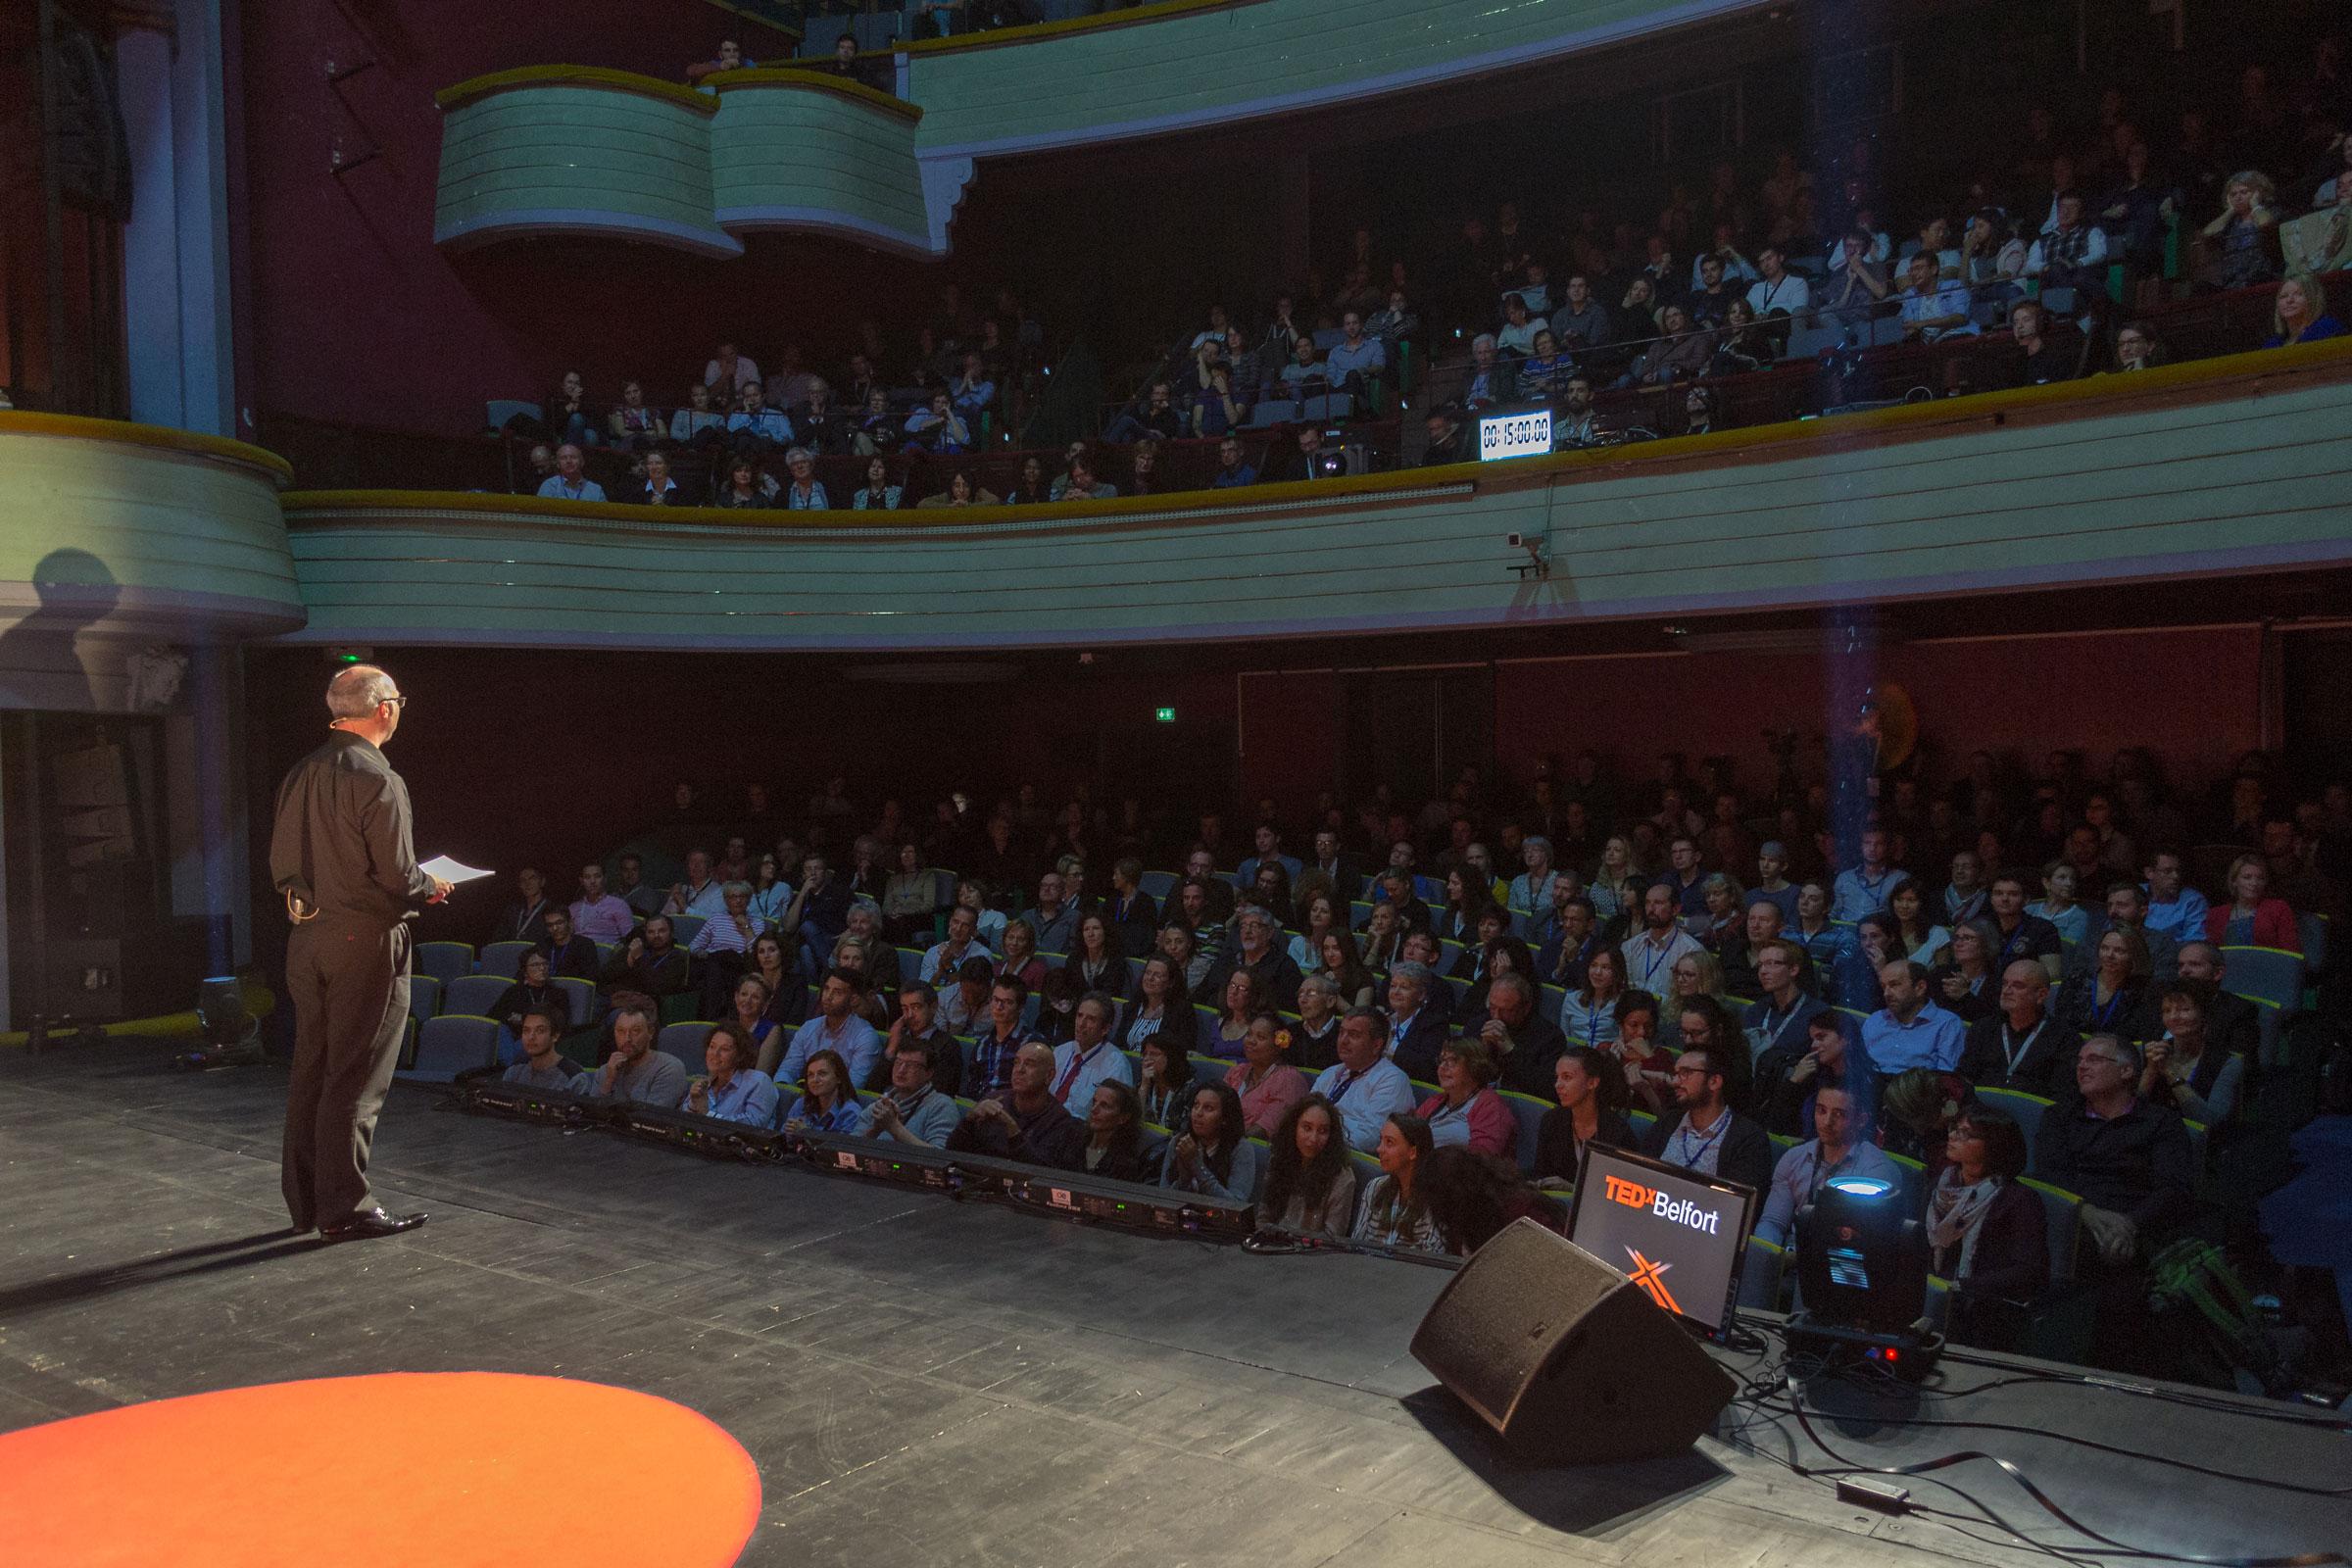 La salle du théâtre Granit à Belfort remplie à hauteur de 500 personnes